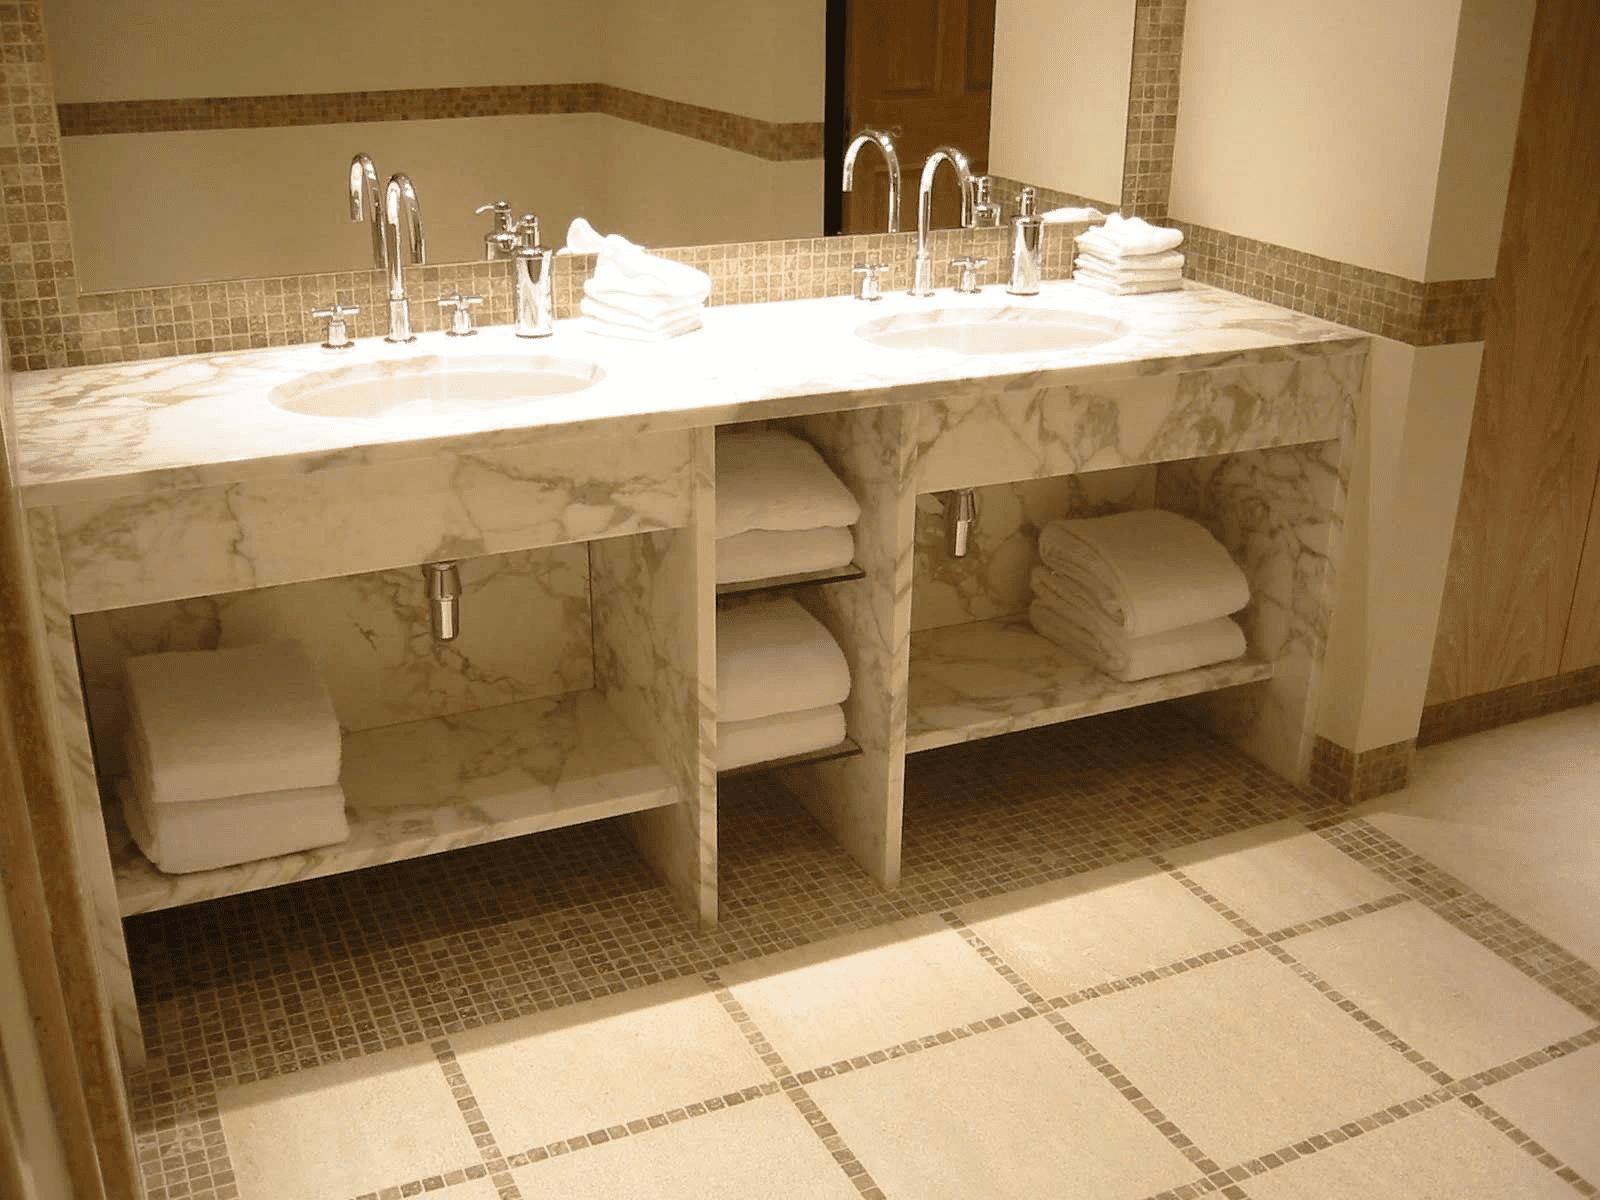 Столешница под раковину в ванную своими руками: из дерева, гипсокартона, искусственного камня